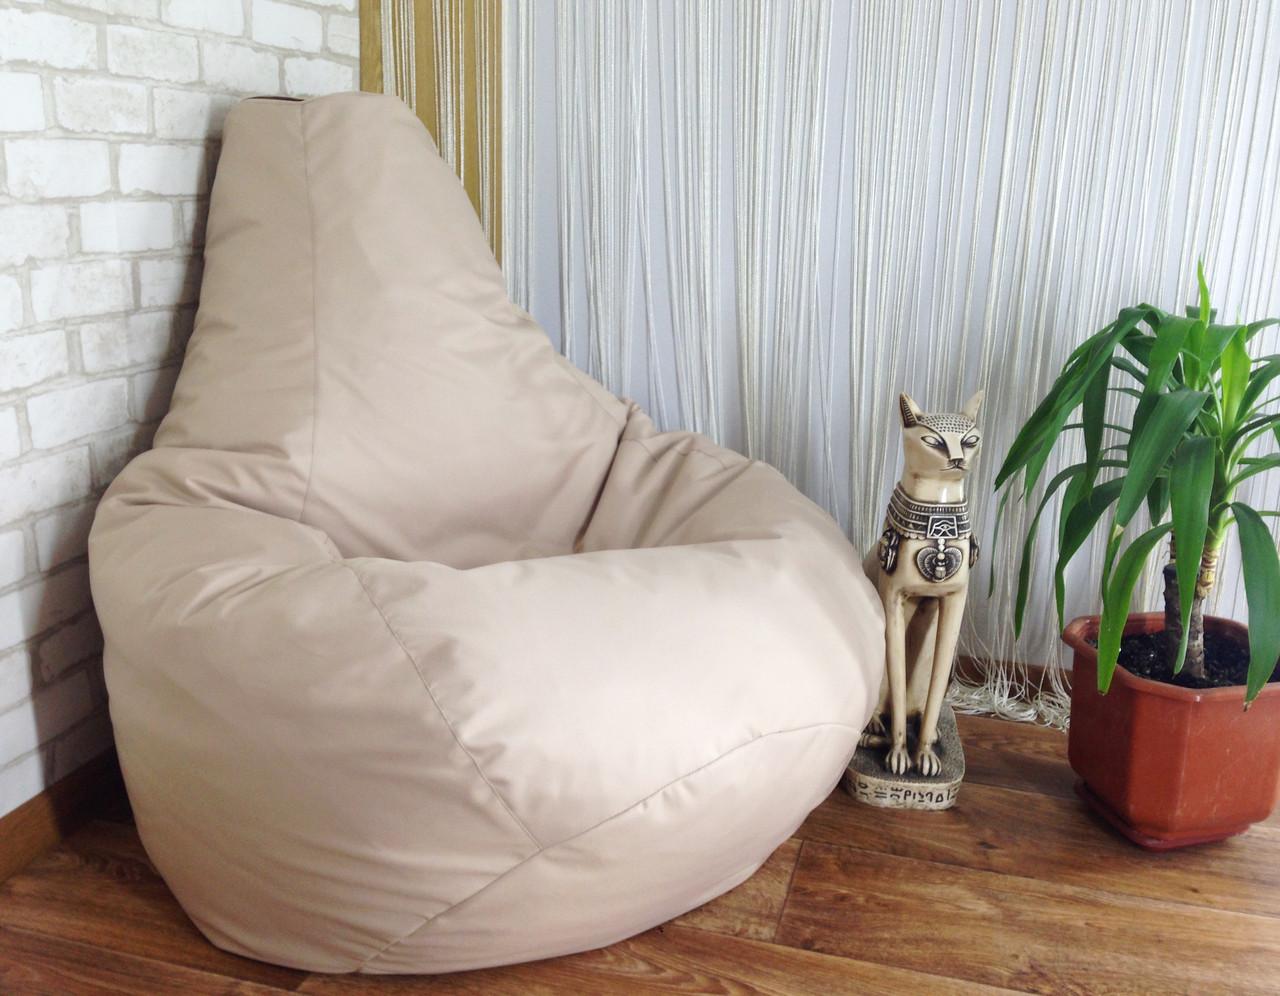 Кресло Мешок, бескаркасное кресло Груша ХХЛ, бежевый